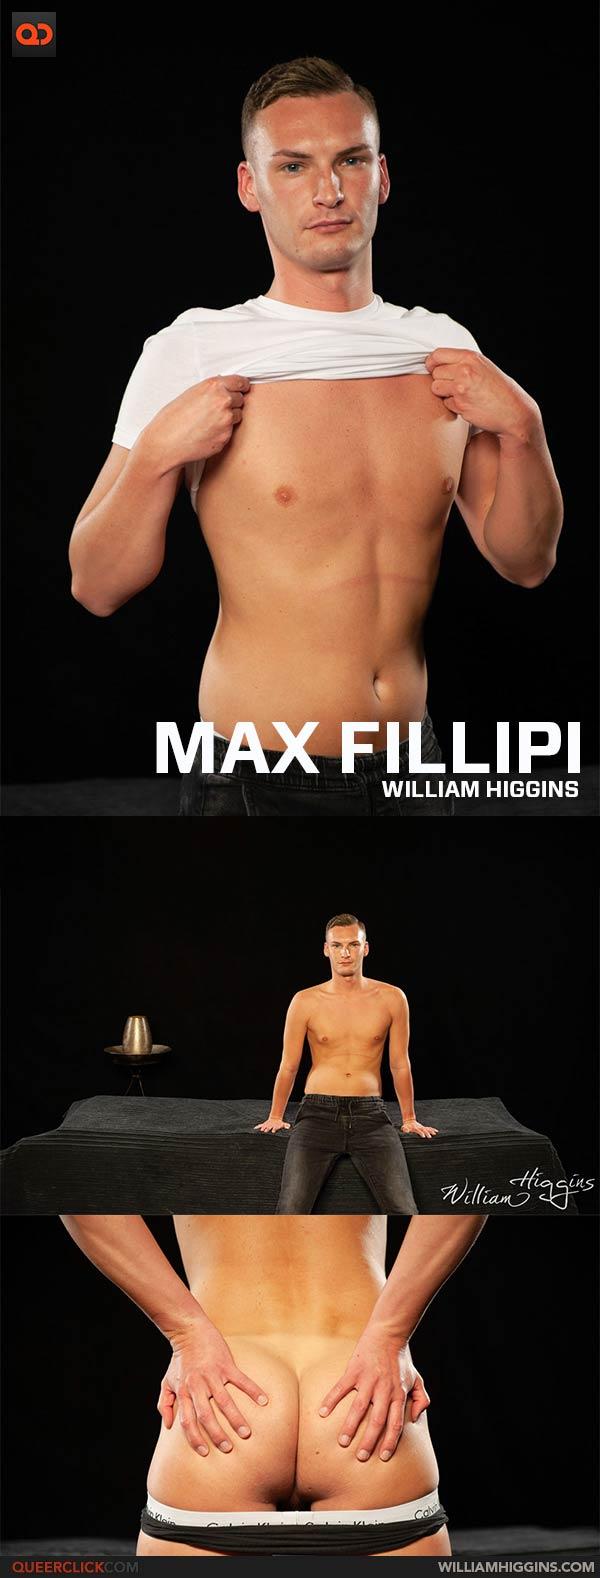 William Higgins: Max Fillipi